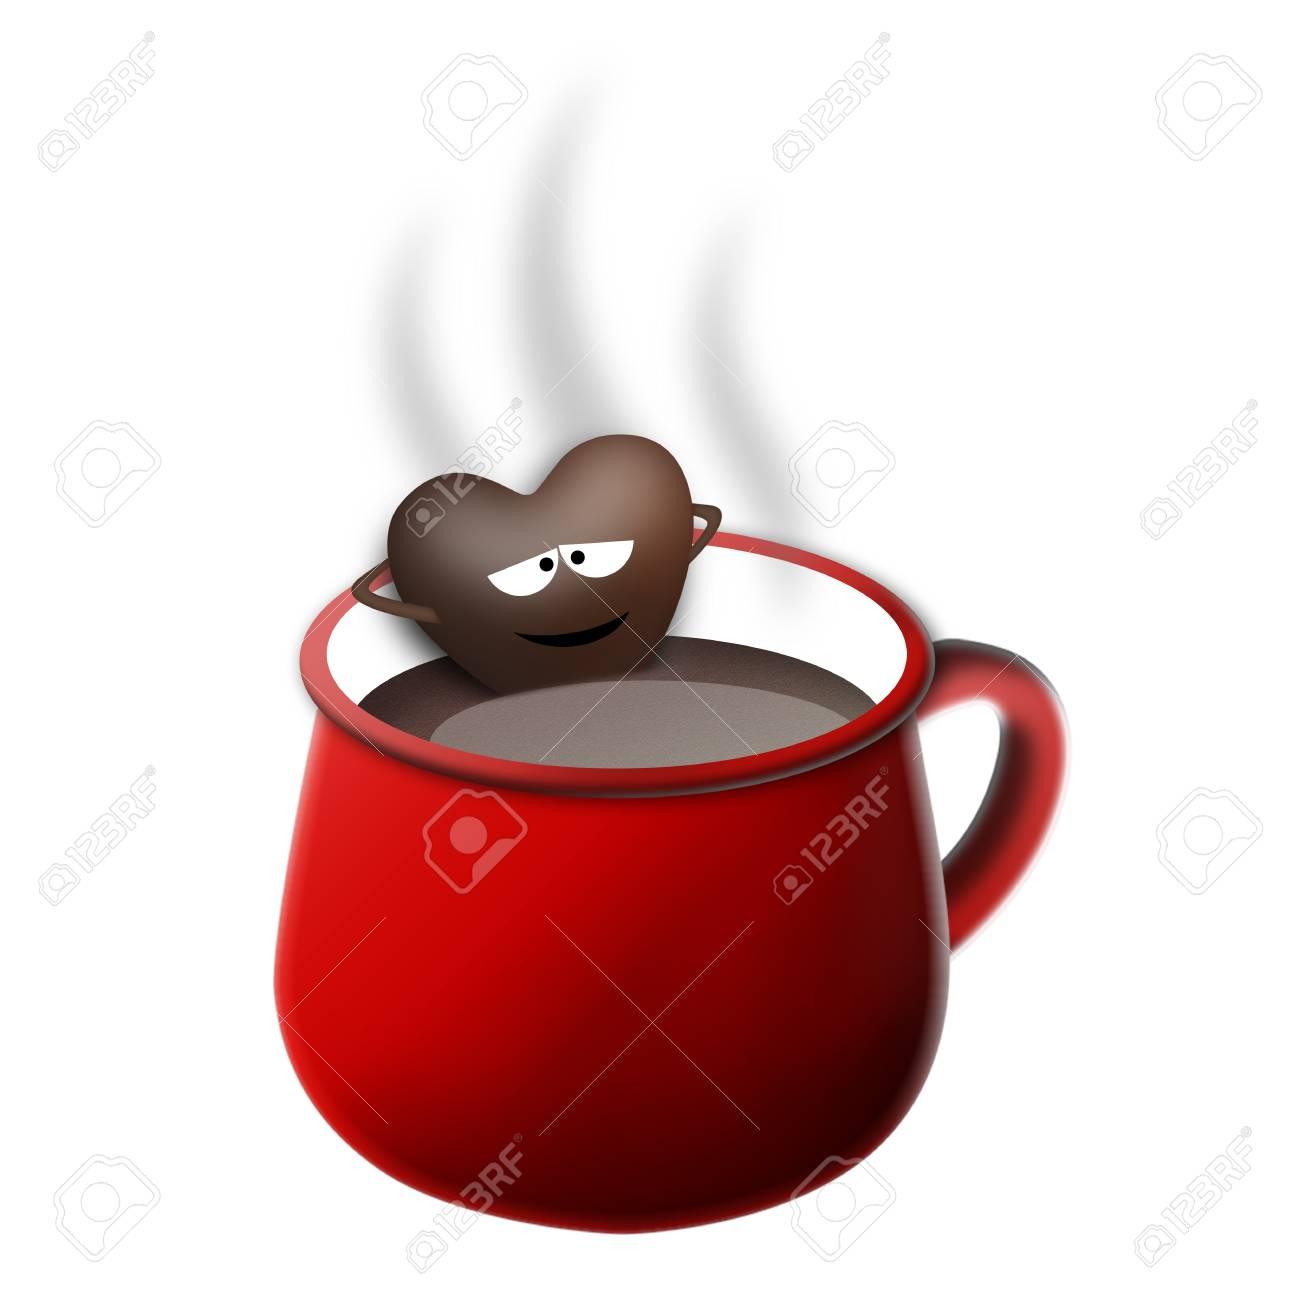 80099465-une-tasse-de-chocolat-chaud-avec-un-personnage-de-dessin-anim%C3%A9.jpg